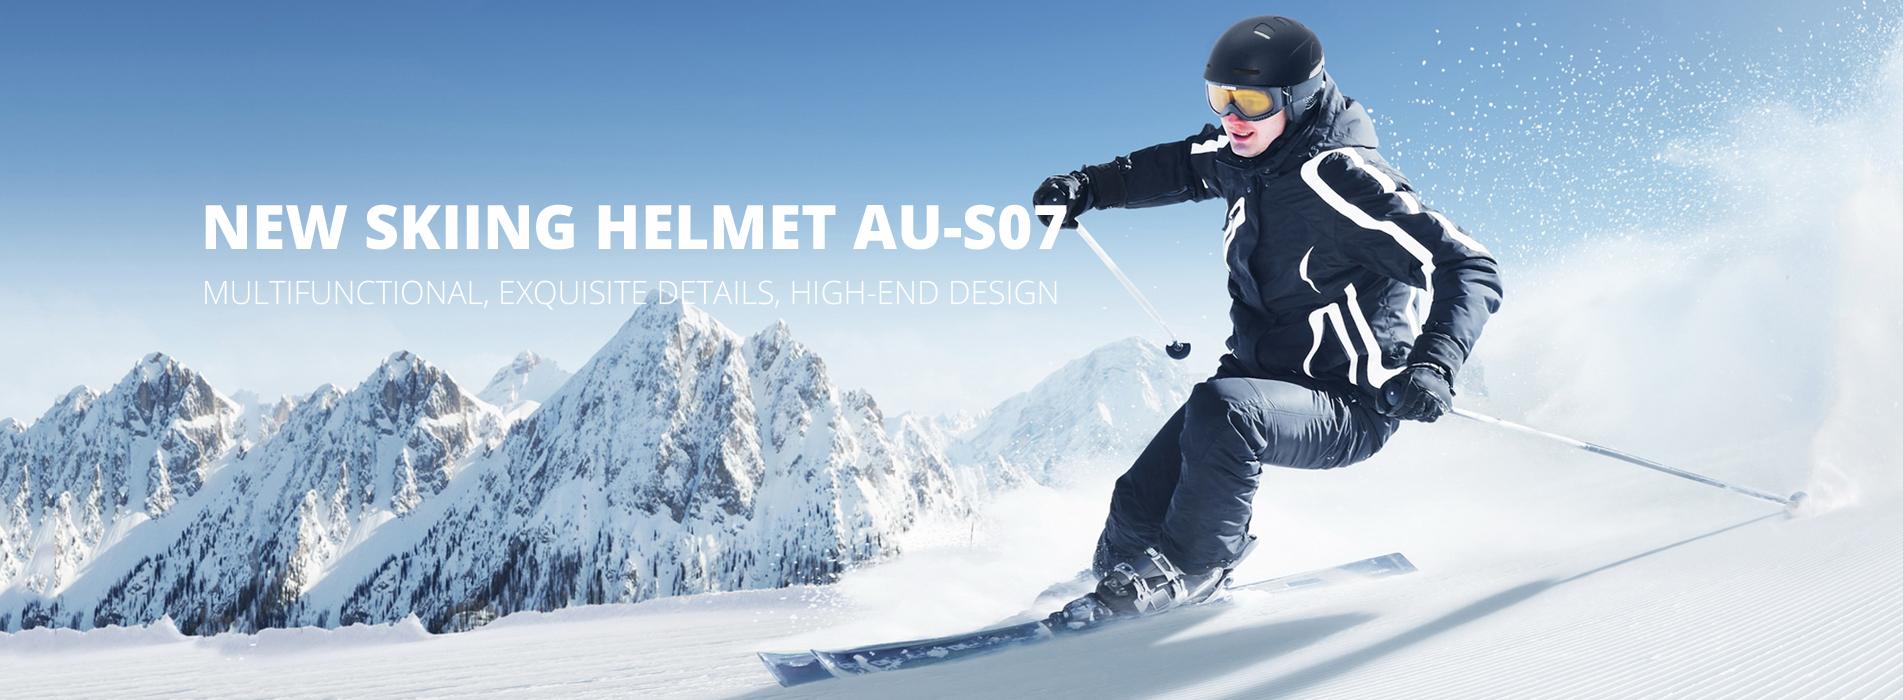 skiing helmet s07 banner